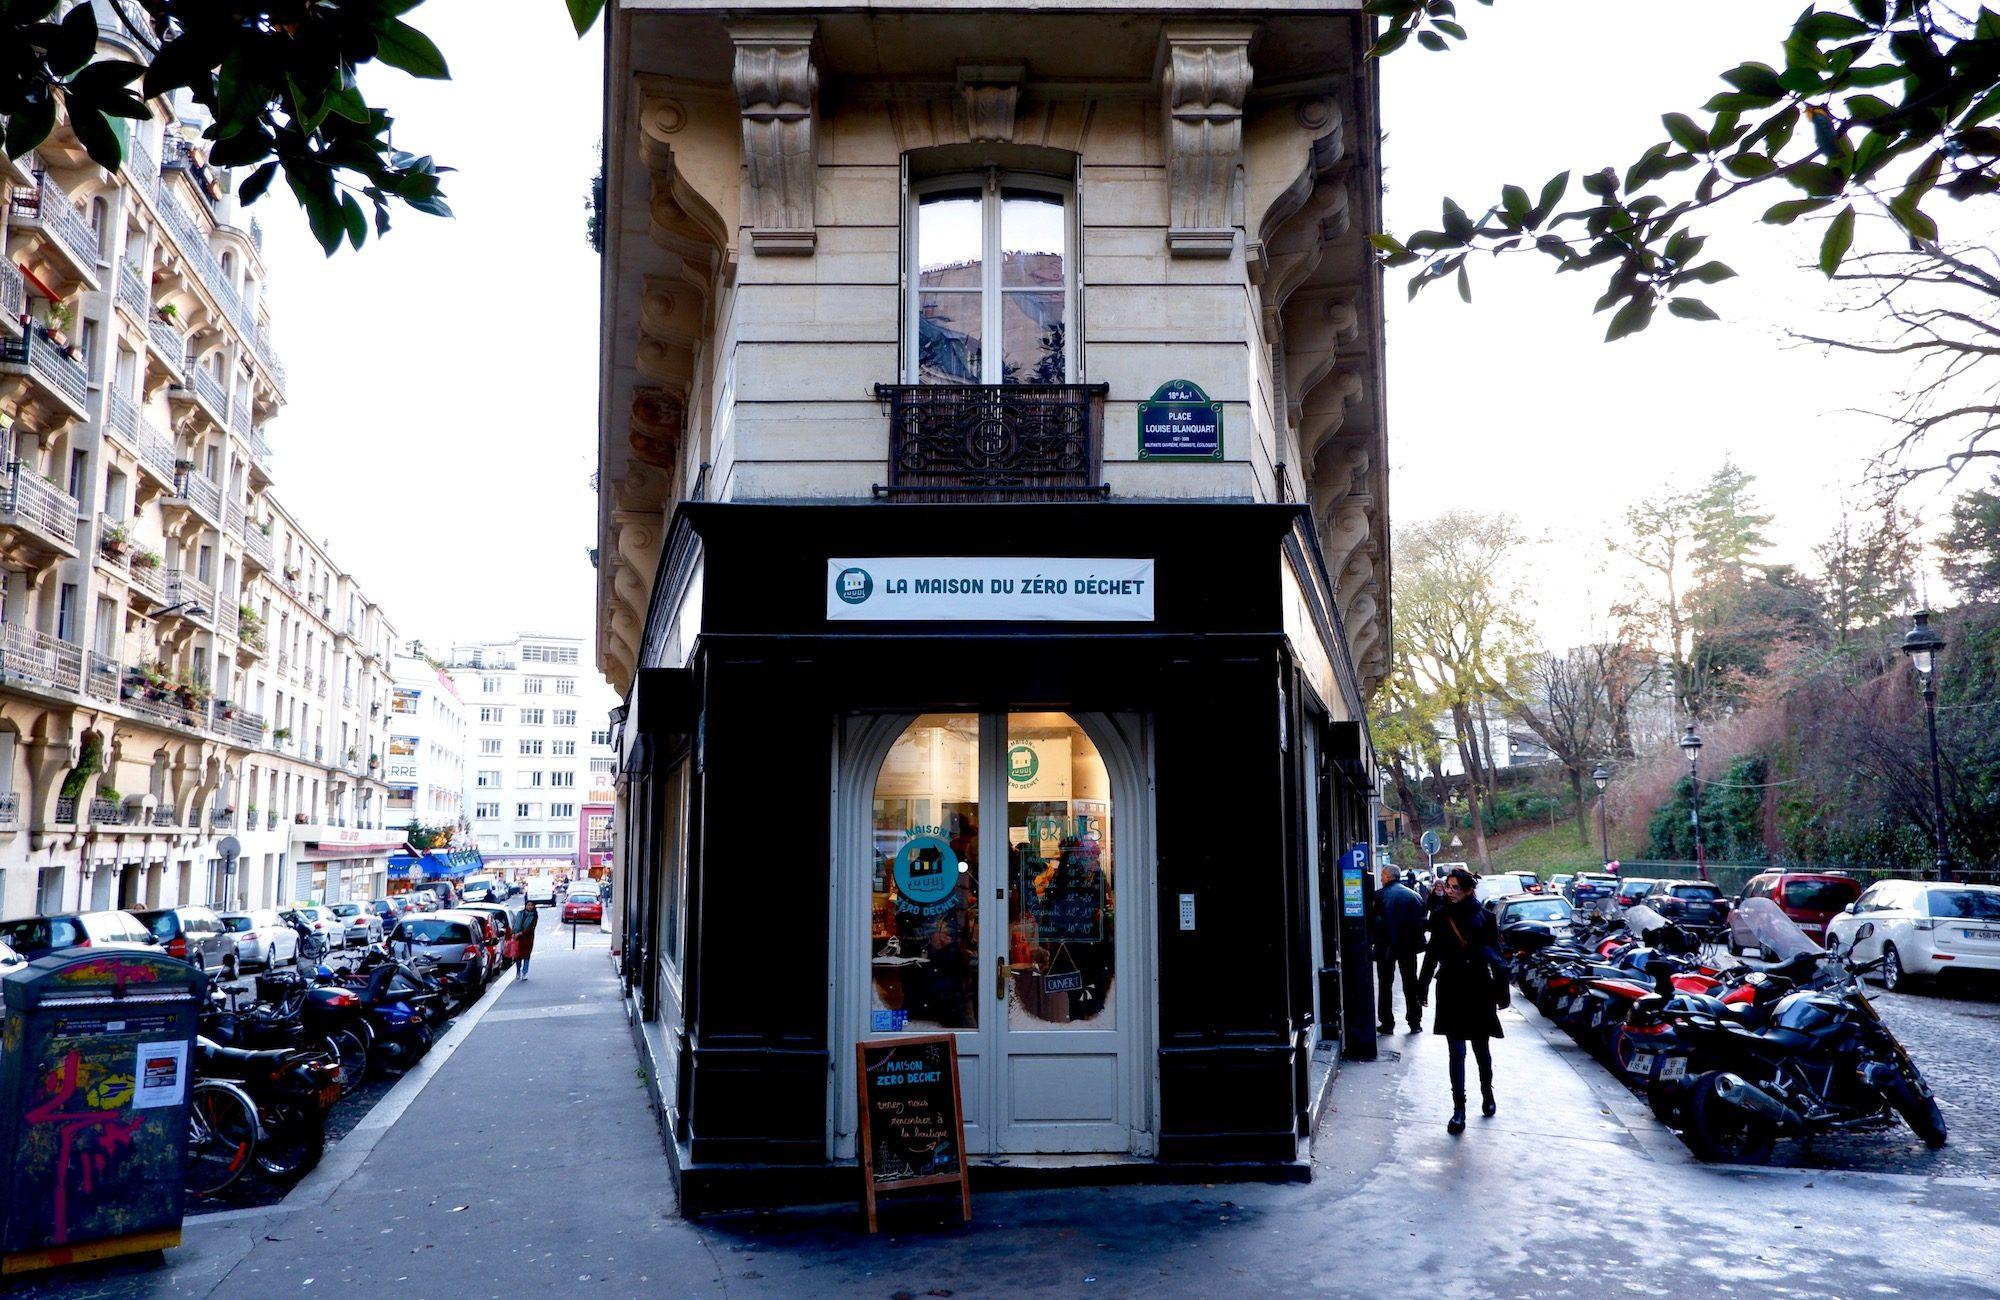 The Maison du Zero Dechet Paris lifestyle concept store facade.